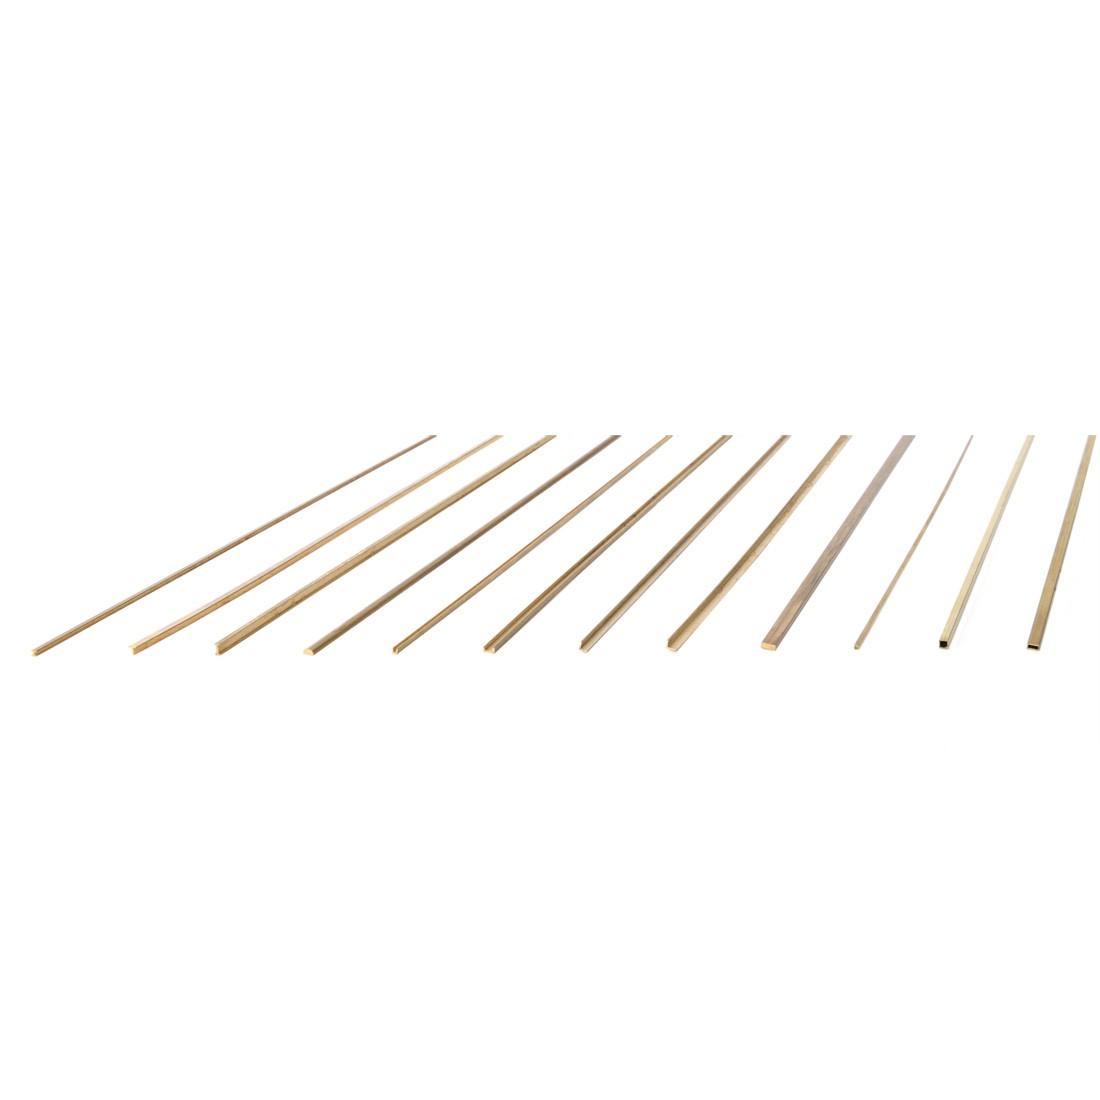 Microprofilati Ottone mm. 2x2x500 sez. L